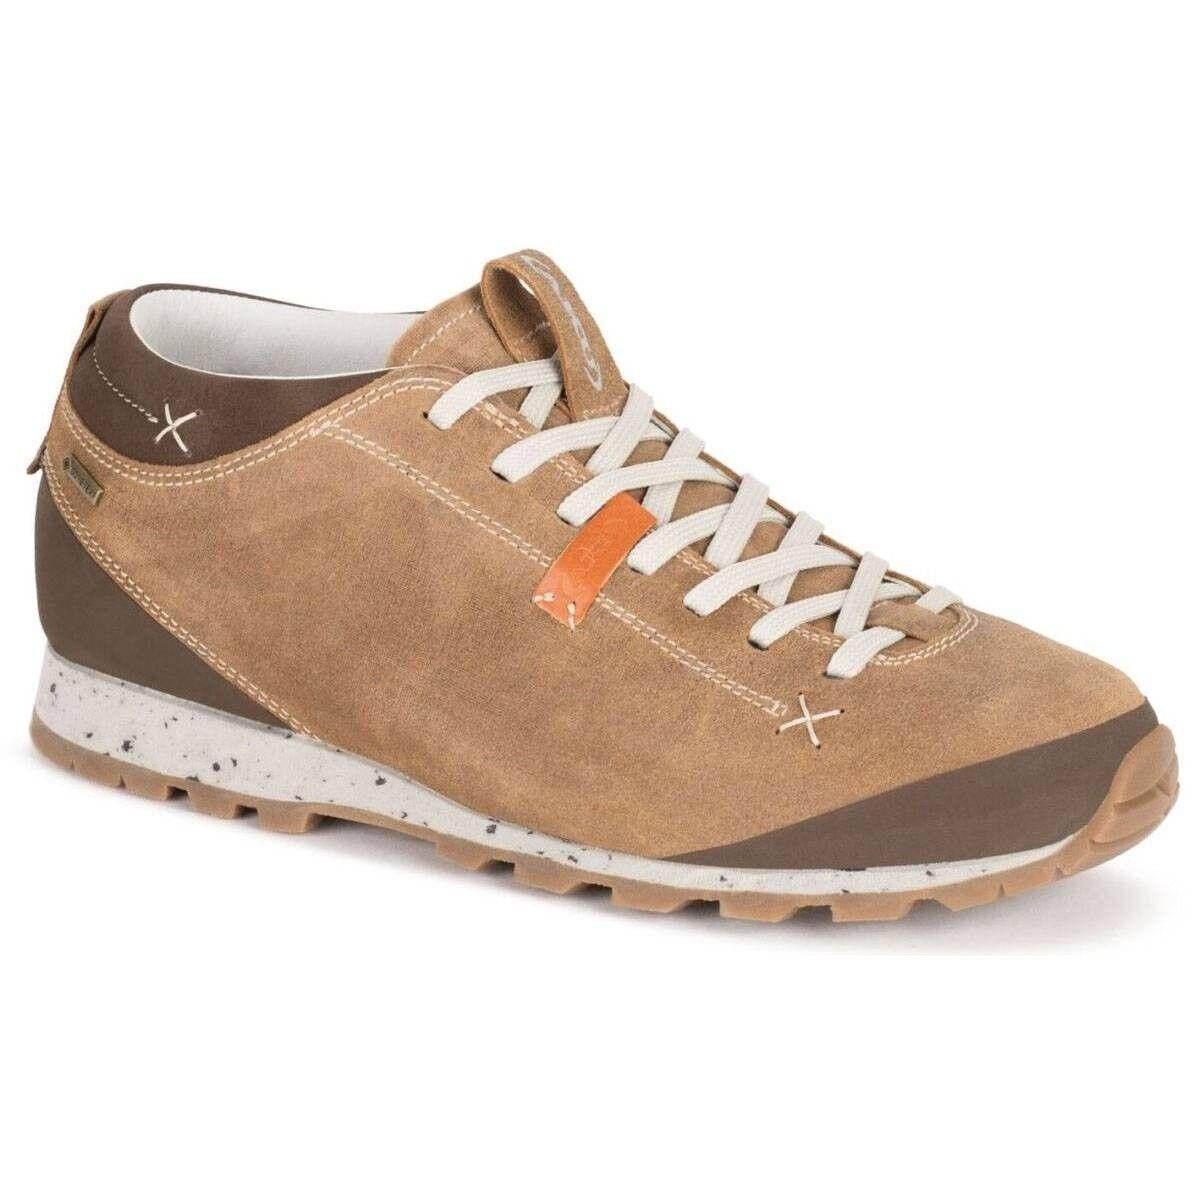 AKU Bellamont Bellamont Bellamont LUX GTX scarpe da ginnastica Beige 0bac0e